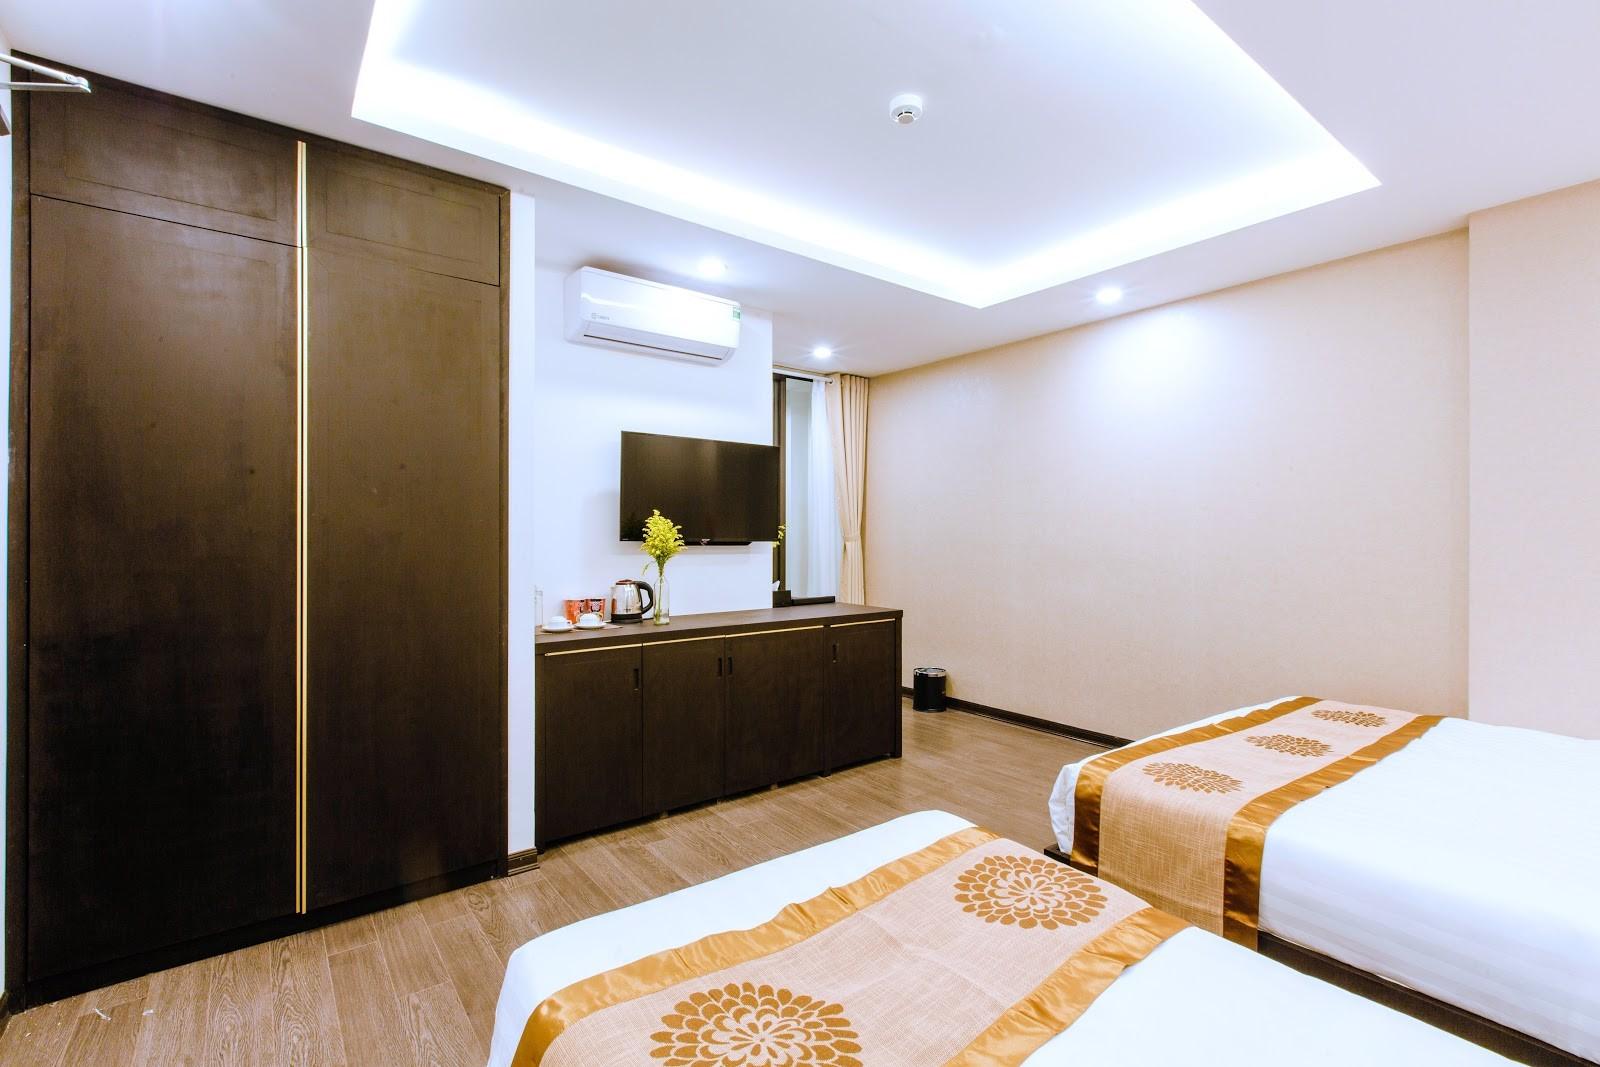 Bỏ túi 3 bí quyết lựa chọn khách sạn Đà Nẵng giá rẻ khi đi du lịch tự túc